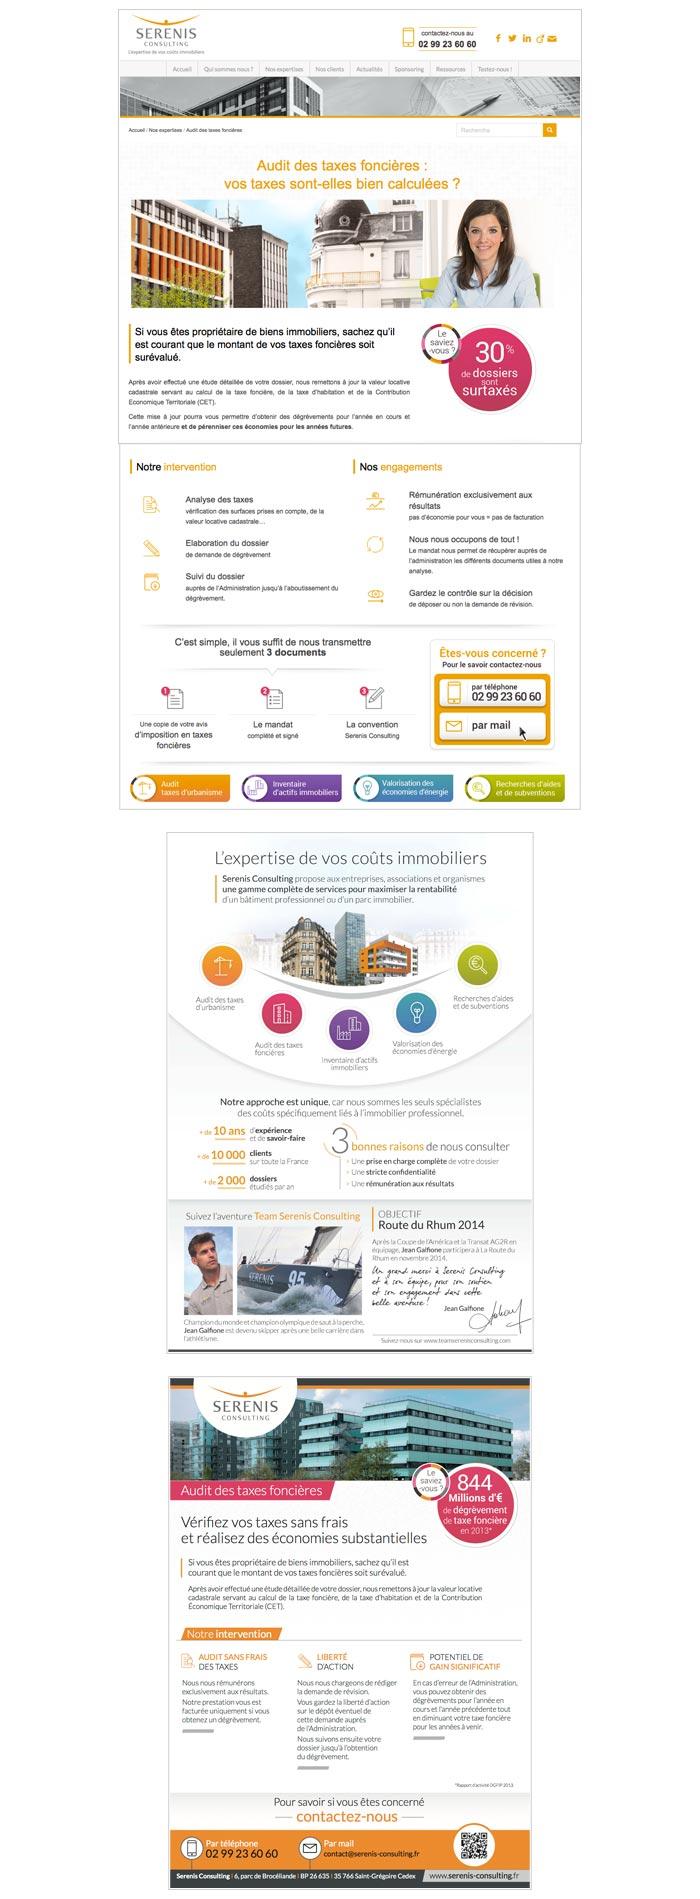 Site web vitrine, plaquettes entreprise et métiers, mailings de prospection